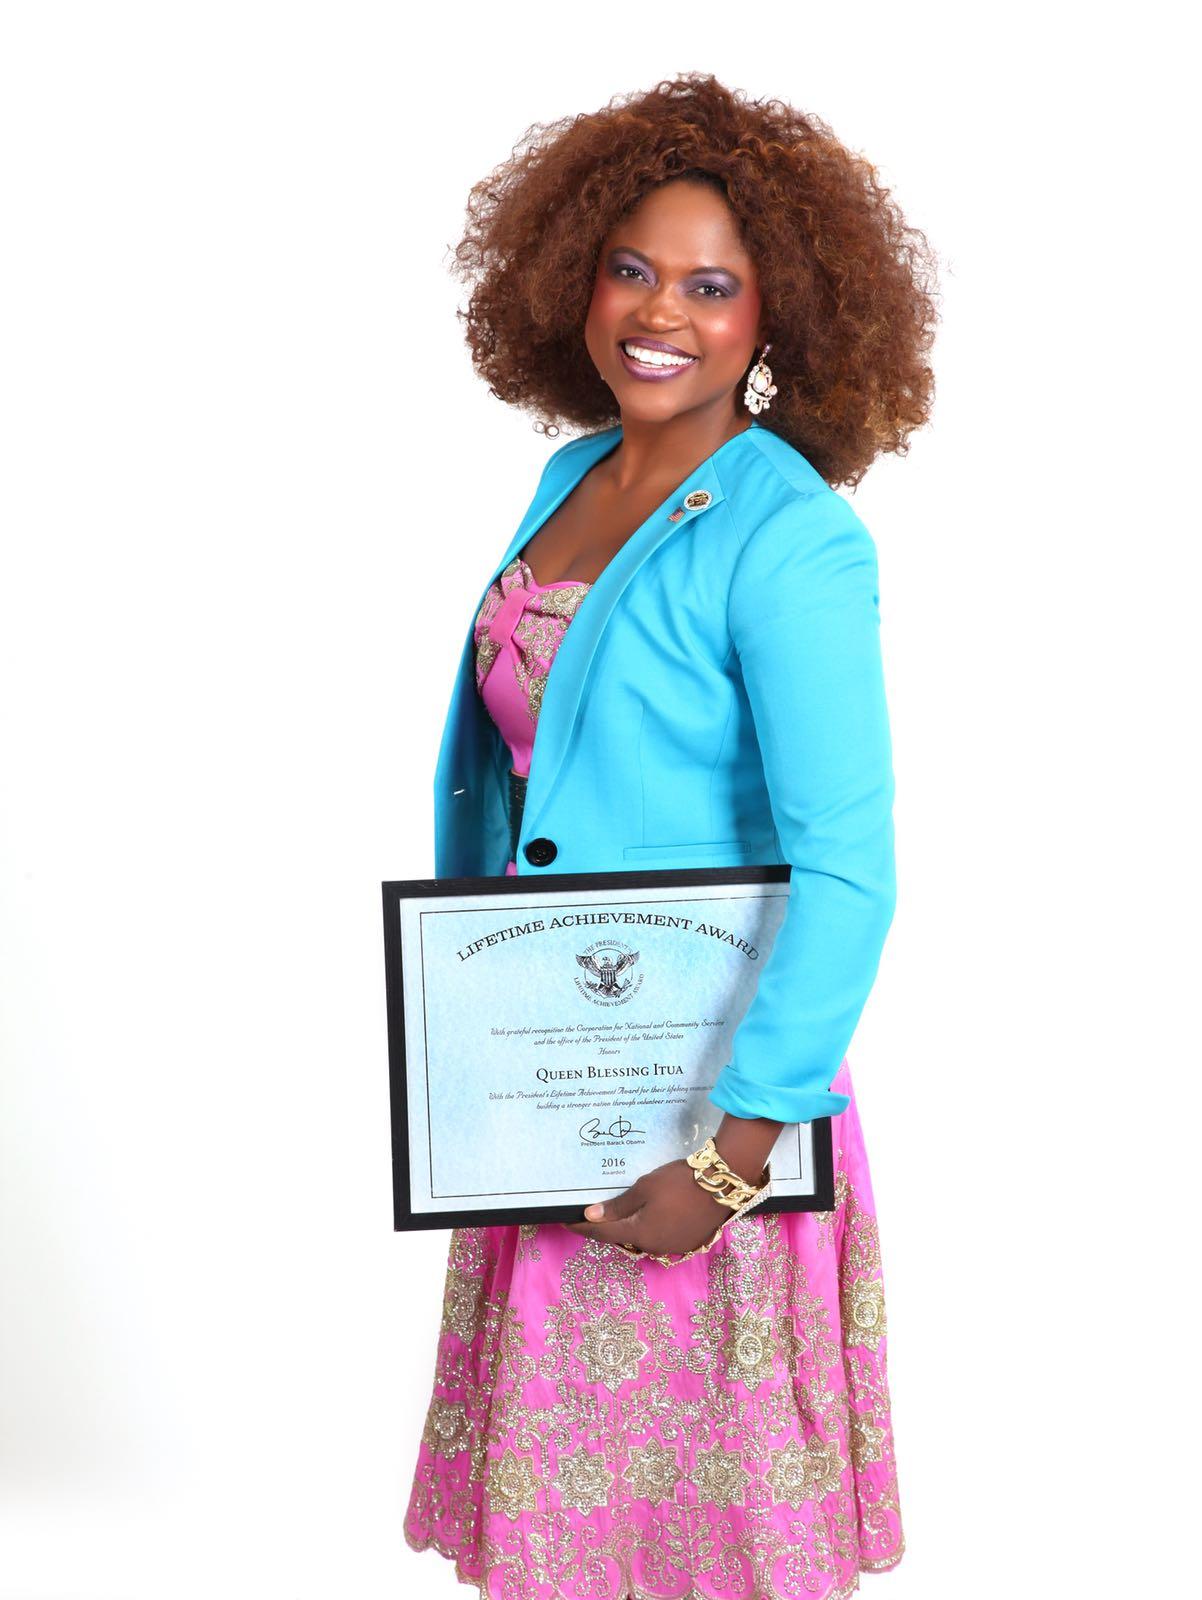 Dr. Queen Blessing Itua